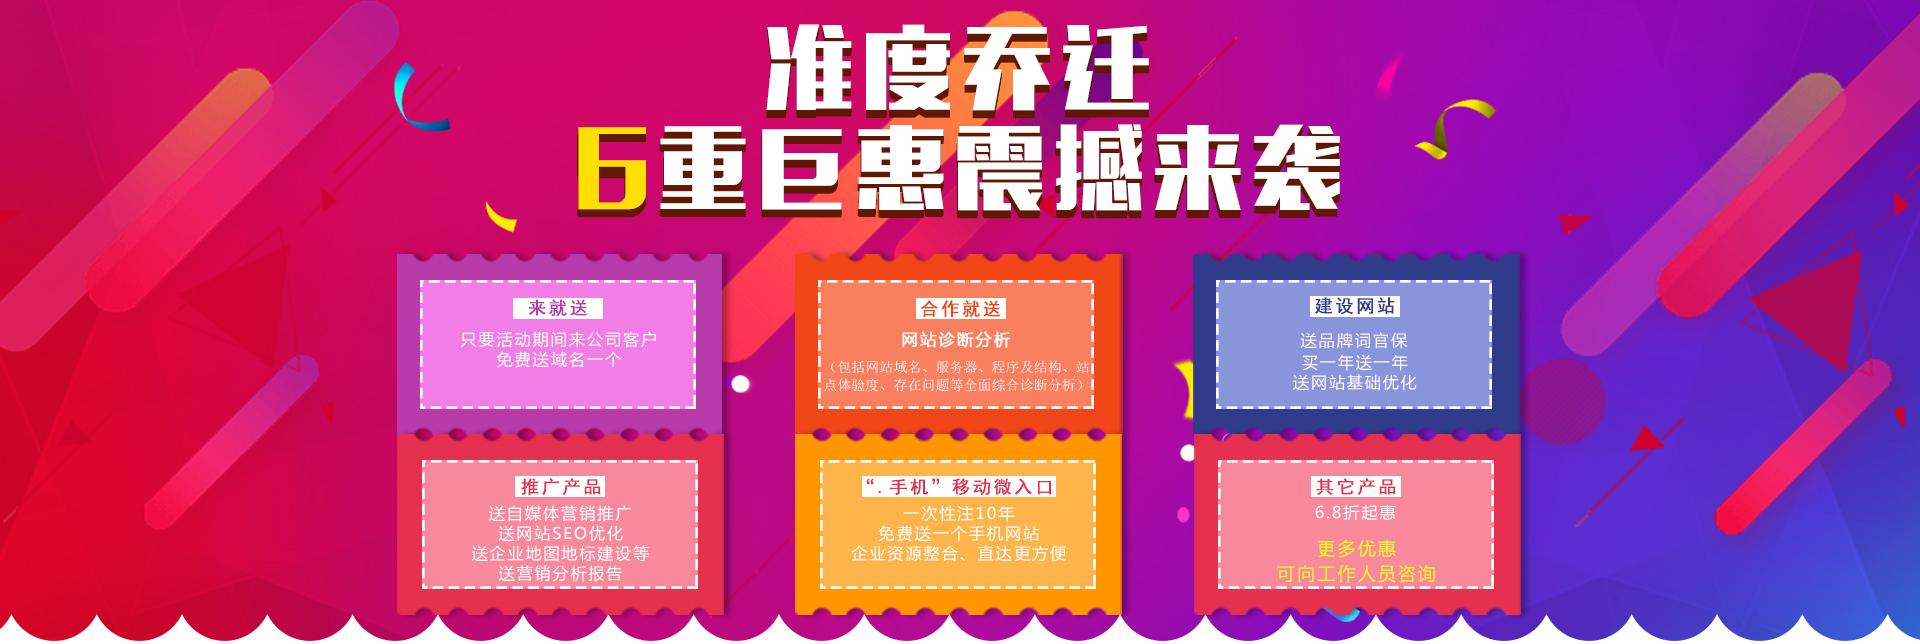 准度科技2017.3.25乔迁新家6重优惠促销